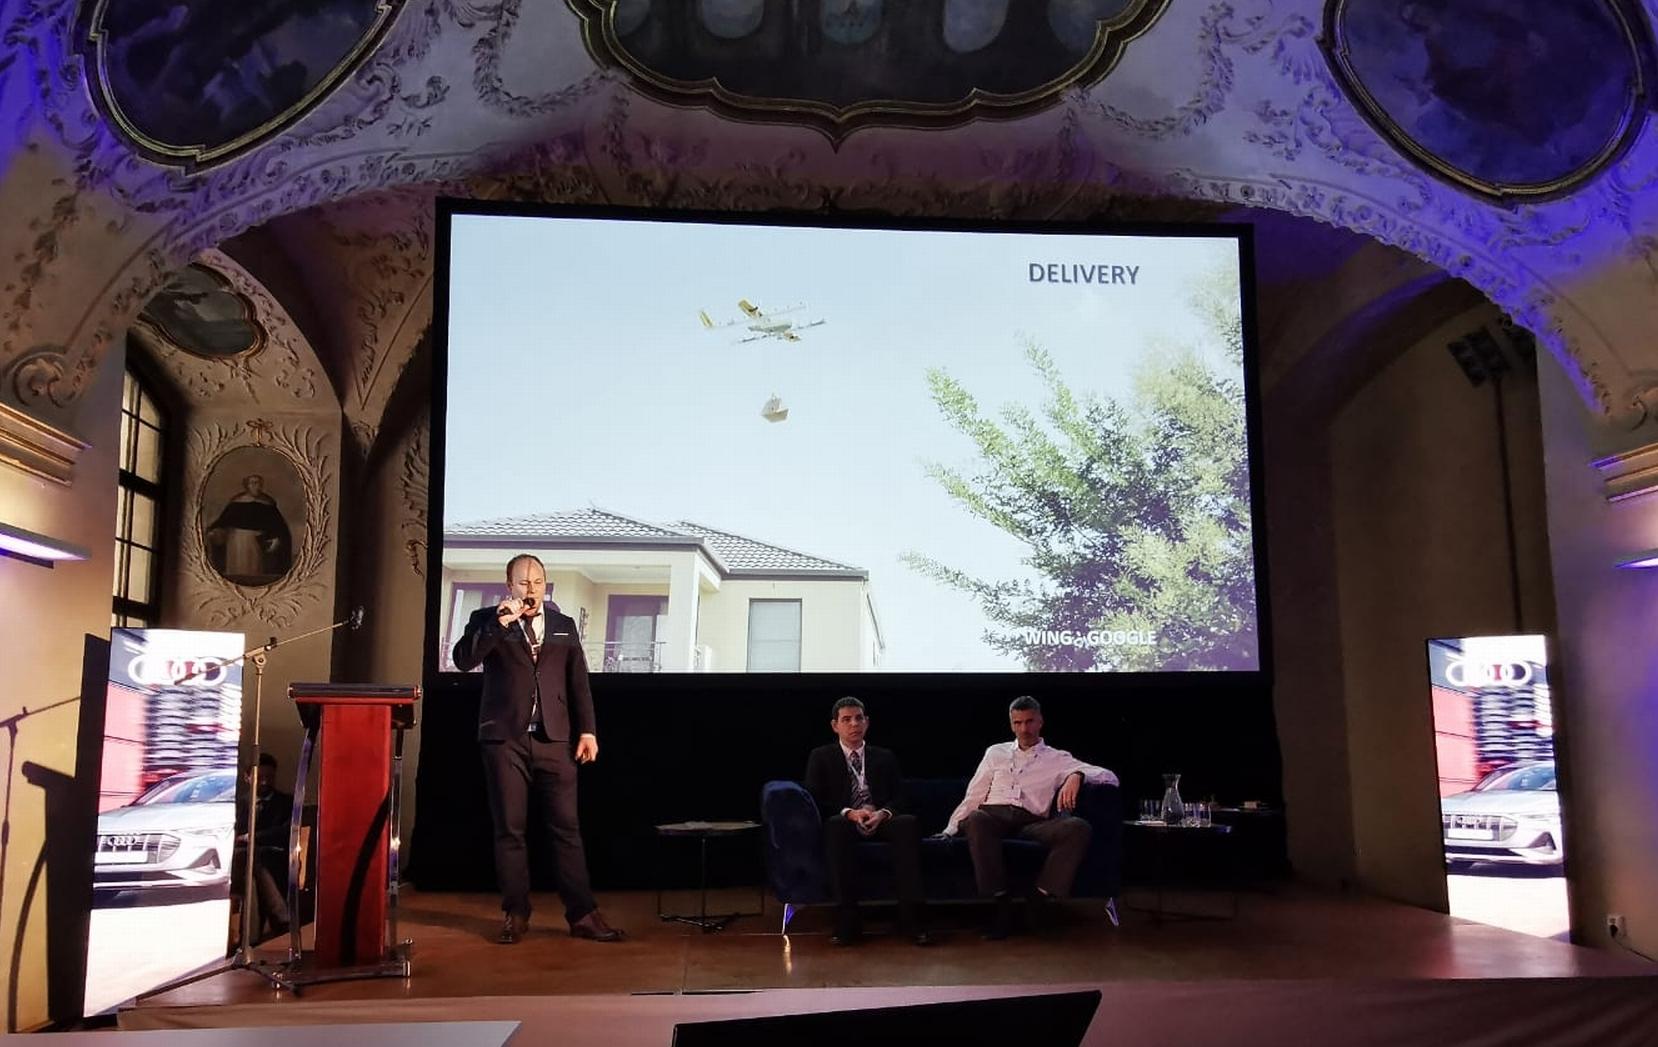 Jakub byl expertním moderátorem a měl prezentaci na mezinárodní konferenci Innovation in Aviation 2020 v Praze